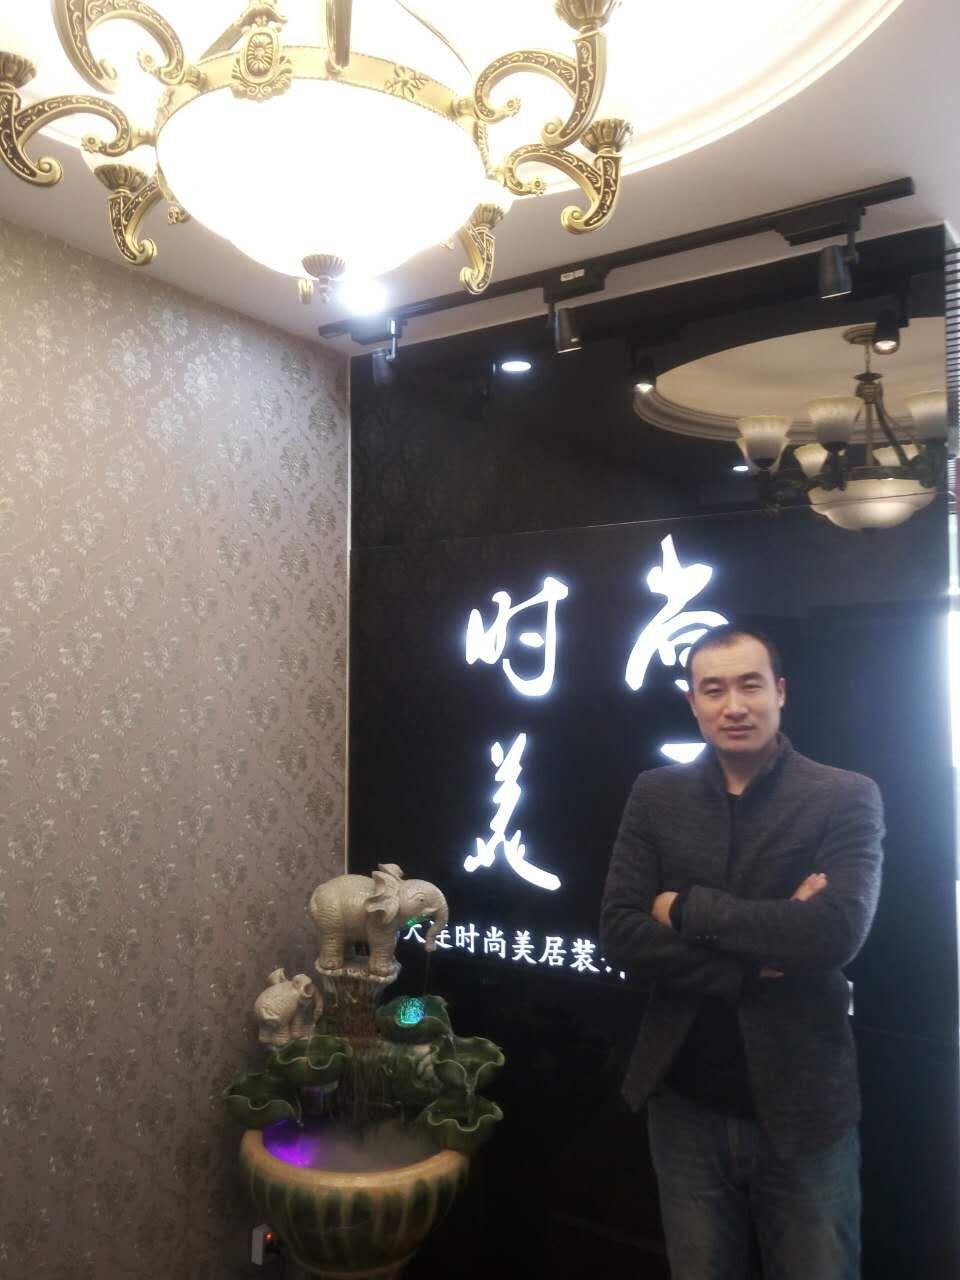 三鼎春天王先生家的中式风格